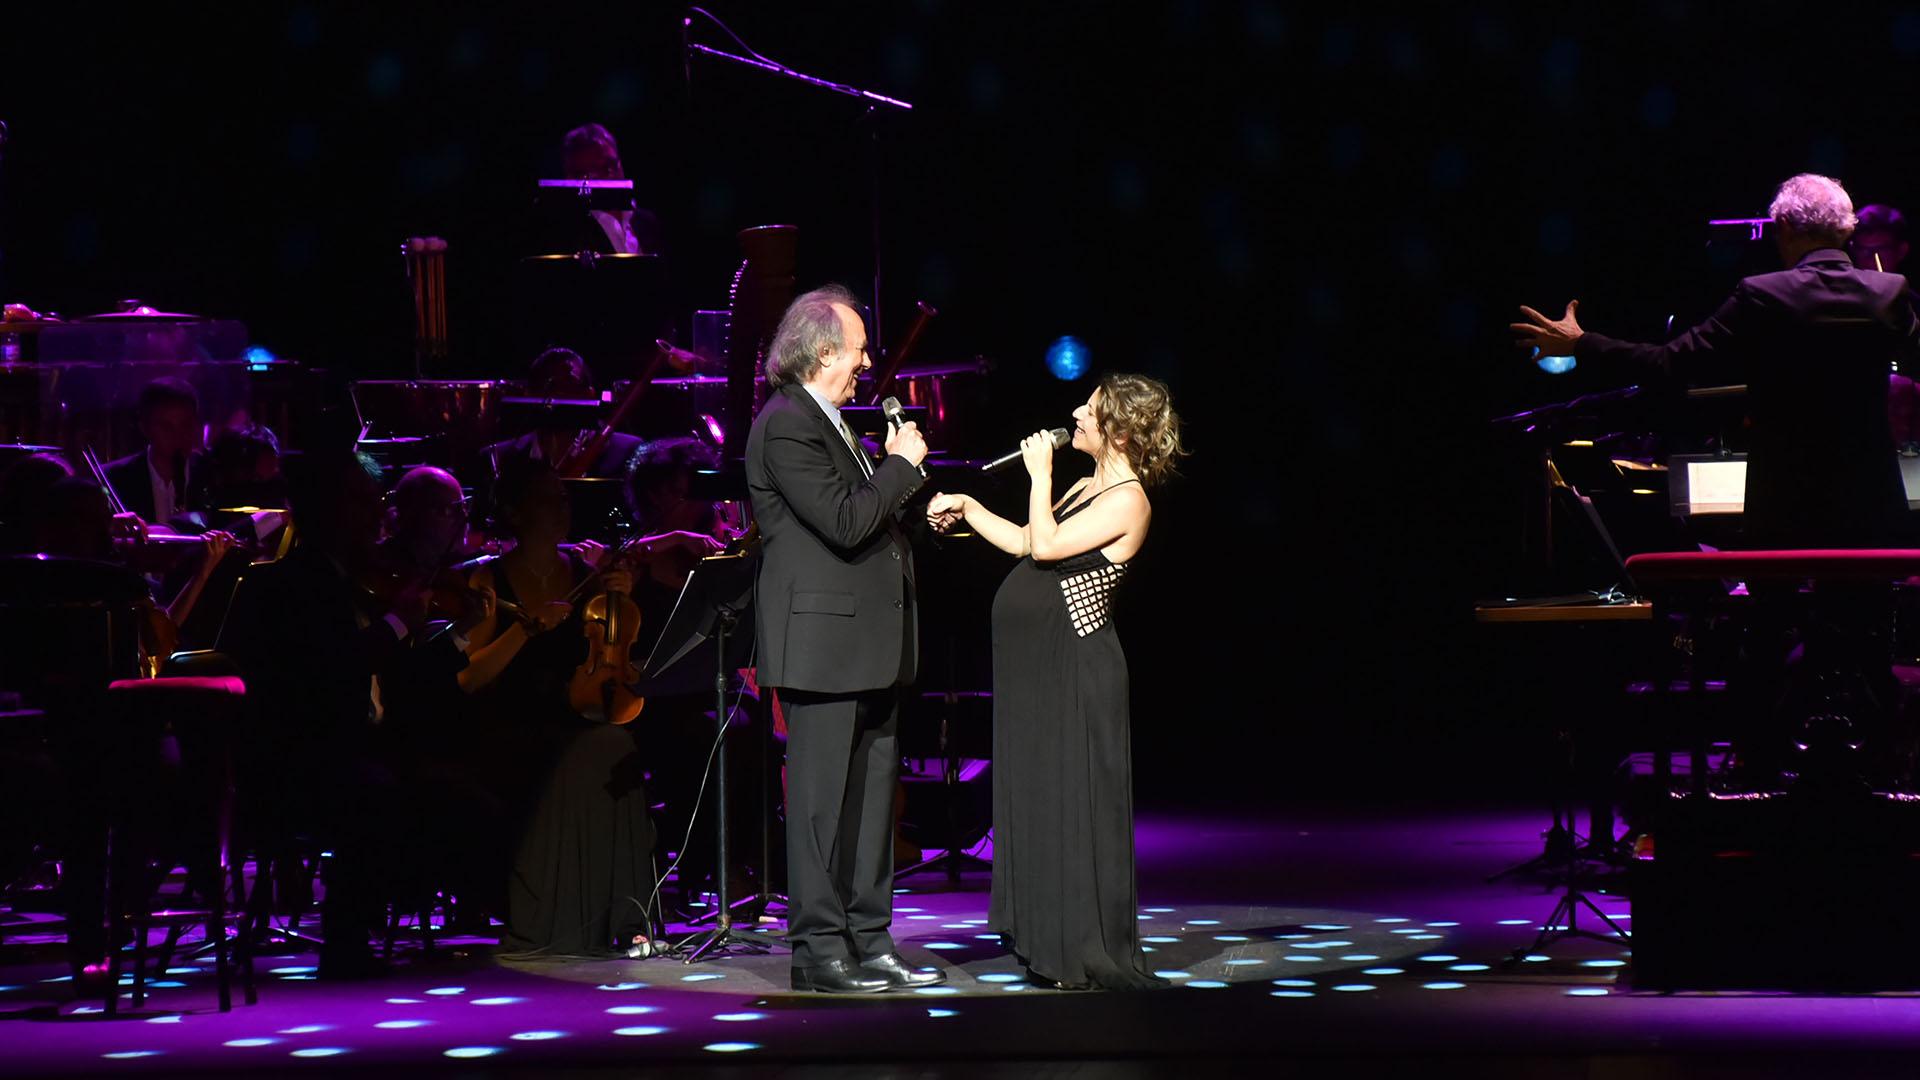 En un nuevo recital en el Teatro Colón, Joan Manuel Serrat recibió en el escenario a Elena Roger, quien está embarazada de su segundo hijo (Fotos: Teleshow)